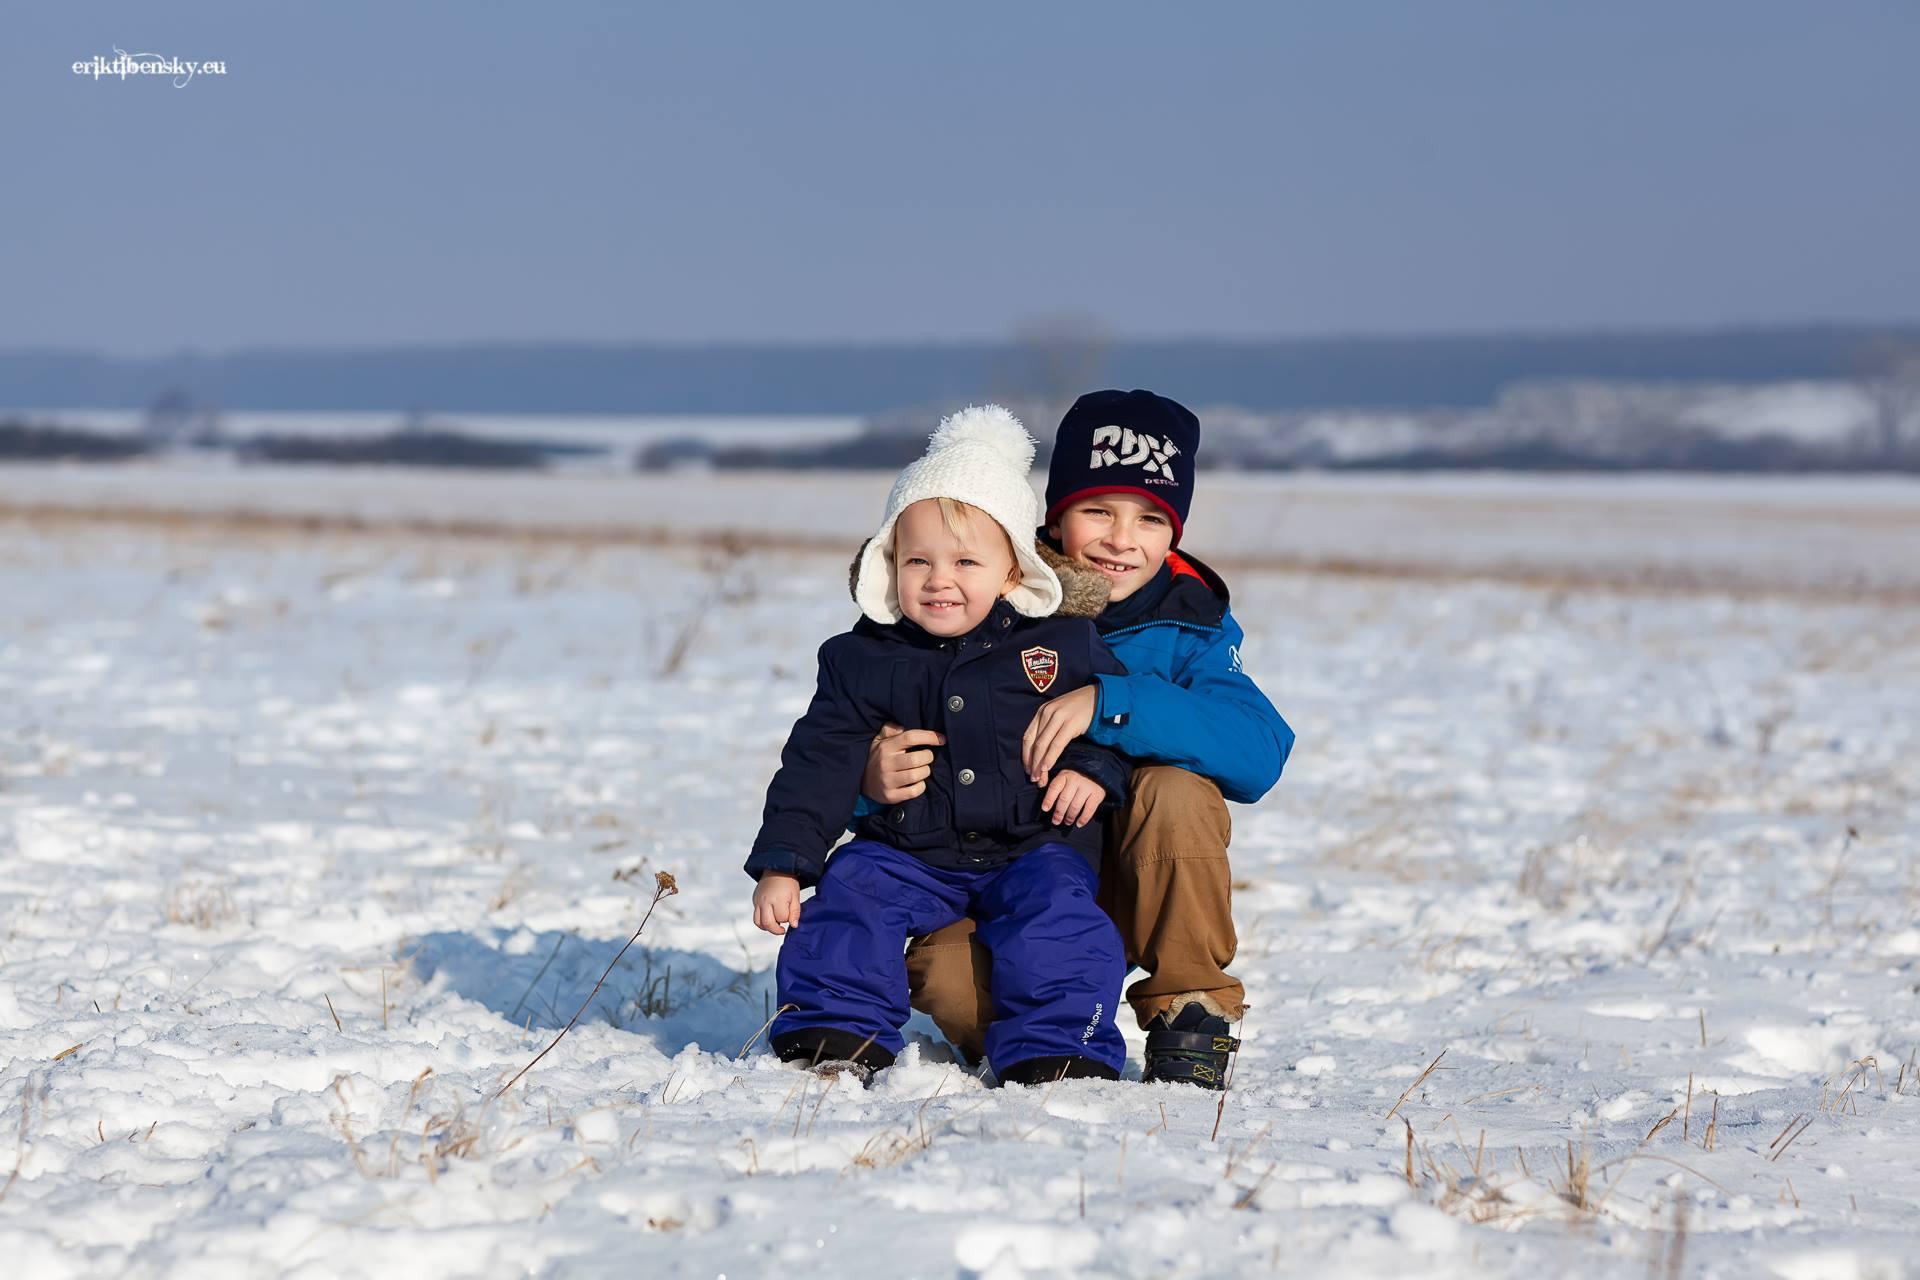 eriktibensky.eu-fotograf-deti-children-winter-zima-photography-1020